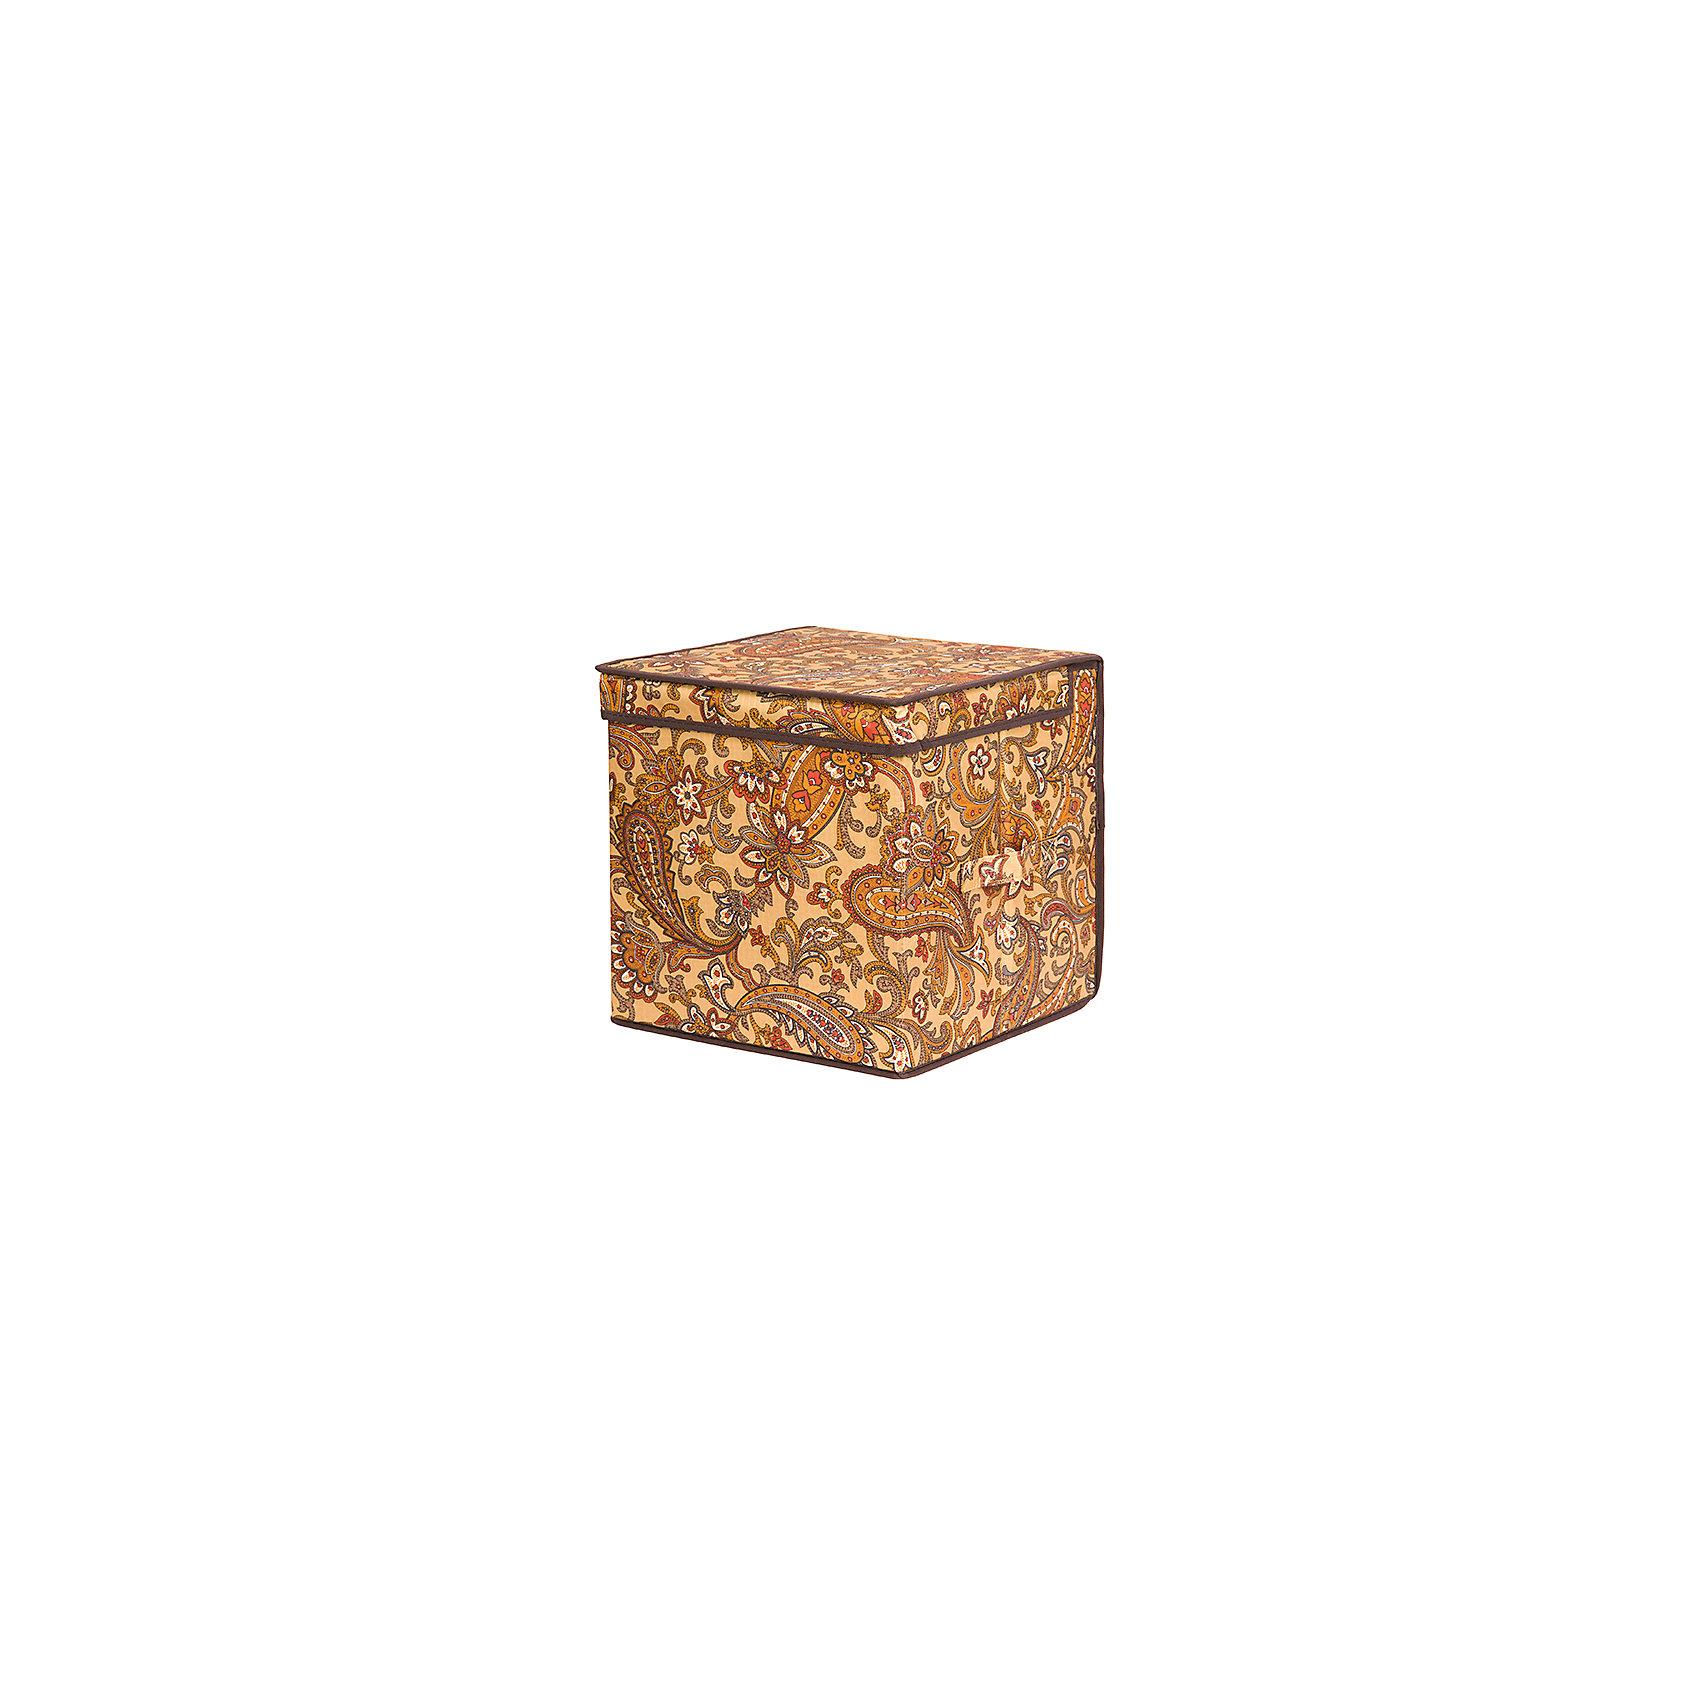 Кофр складной для хранения 31*31*31 см. Перо павлина, квадрат, EL Casa, коричневыйПорядок в детской<br>Характеристики товара:<br><br>• цвет: мульти<br>• материал: текстиль (полиэстер 100%)<br>• размер: 31 х 31 х 31 см<br>• вес: 800 г<br>• декорирован принтом<br>• с жестким каркасом<br>• легко складывается и раскладывается<br>• удобный<br>• с крышкой <br>• универсальный размер<br>• страна бренда: Российская Федерация<br>• страна производства: Китай<br><br>Такой кофр - отличный пример красивой и функциональной вещи для любого интерьера. В нем удобной хранить различные мелочи, благодаря универсальному дизайну и расцветке он хорошо будет смотреться в помещении.<br><br>Кофр с жёстким каркасом для хранения может стать отличным приобретением для дома или подарком для любителей красивых оригинальных вещей.<br><br>Бренд EL Casa - это красивые и практичные товары для дома с современным дизайном. Они добавляют в жильё уюта и комфорта! <br><br>Кофр складной для хранения 31*31*31 см. Перо павлина, квадрат, EL Casa можно купить в нашем интернет-магазине.<br><br>Ширина мм: 305<br>Глубина мм: 315<br>Высота мм: 30<br>Вес г: 863<br>Возраст от месяцев: 0<br>Возраст до месяцев: 1188<br>Пол: Унисекс<br>Возраст: Детский<br>SKU: 6668755